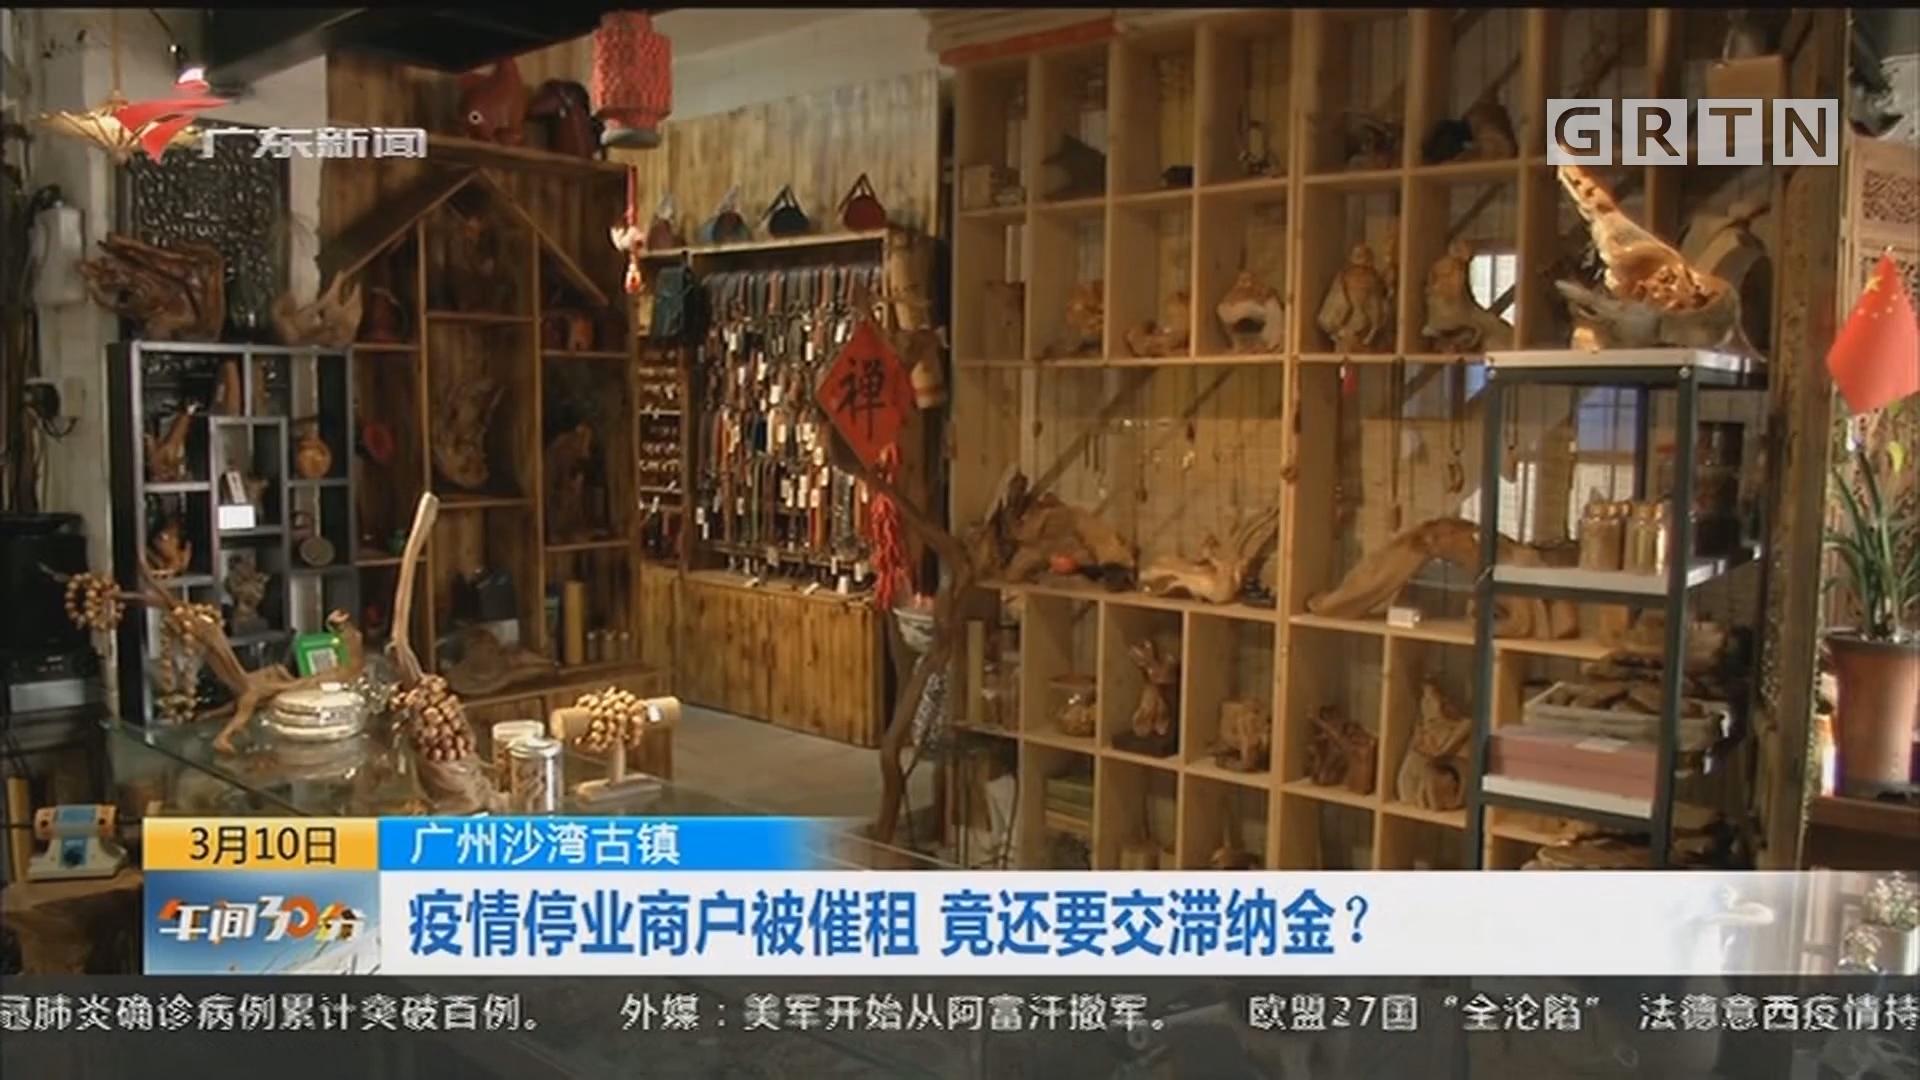 广州沙湾古镇:疫情停业商户被催租 竟还要交滞纳金?